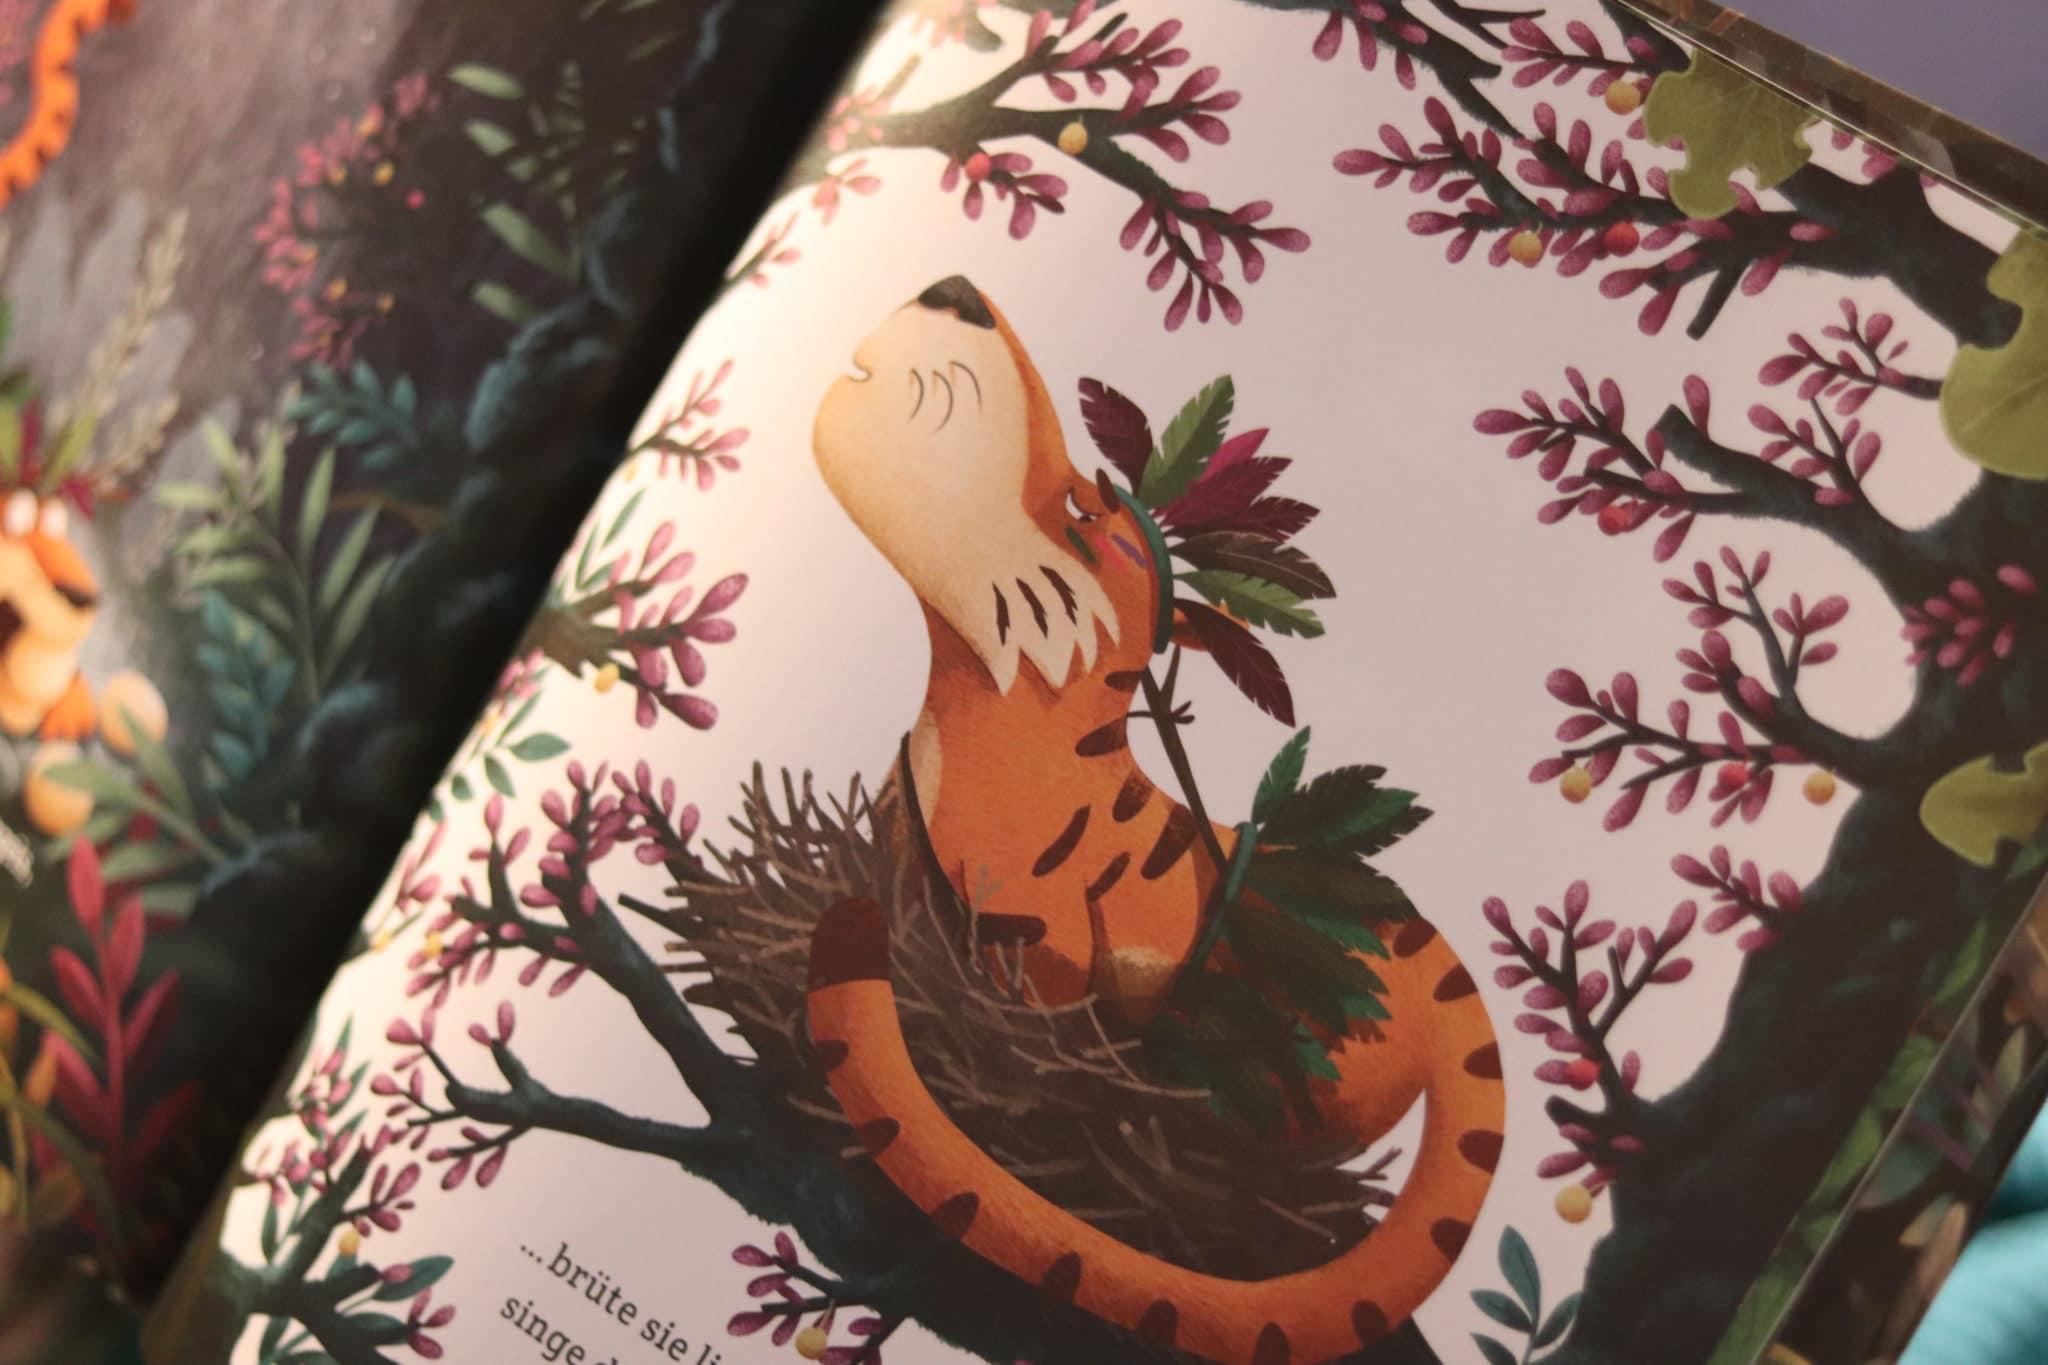 der achtsame Tiger_Mentor Verlag_grossekoepfe